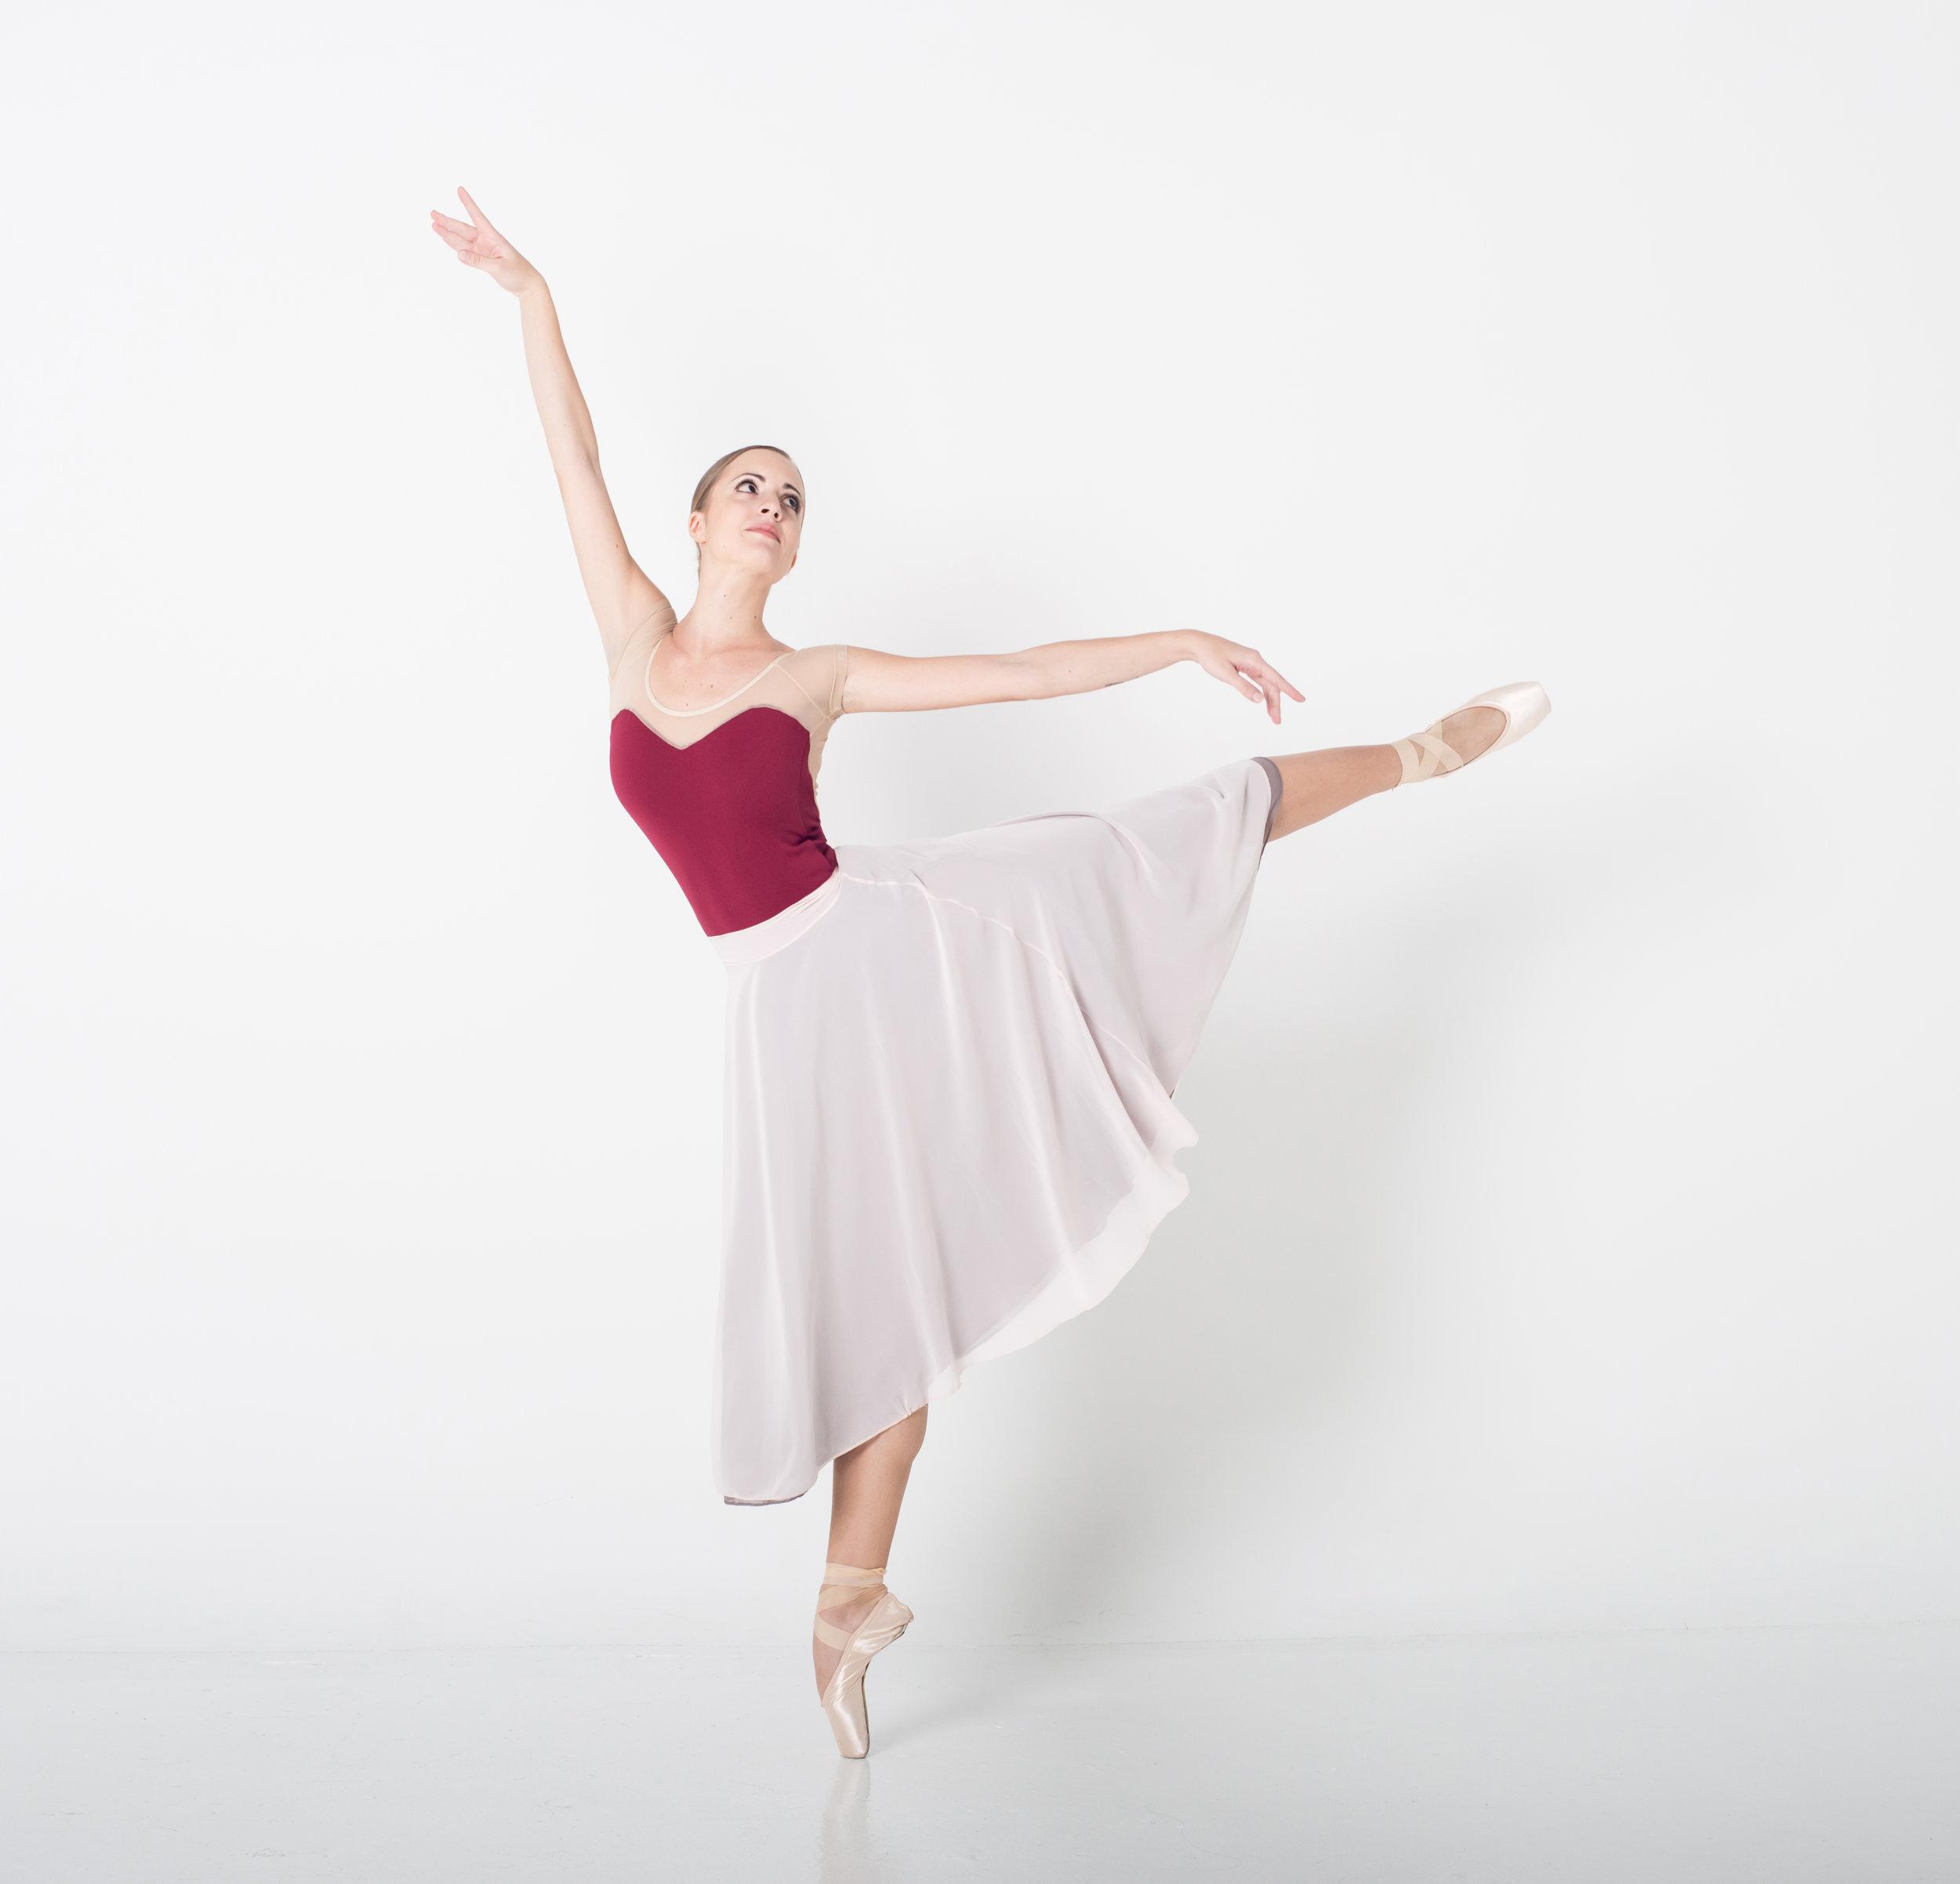 Annalisa Picollo for Balletlove.co